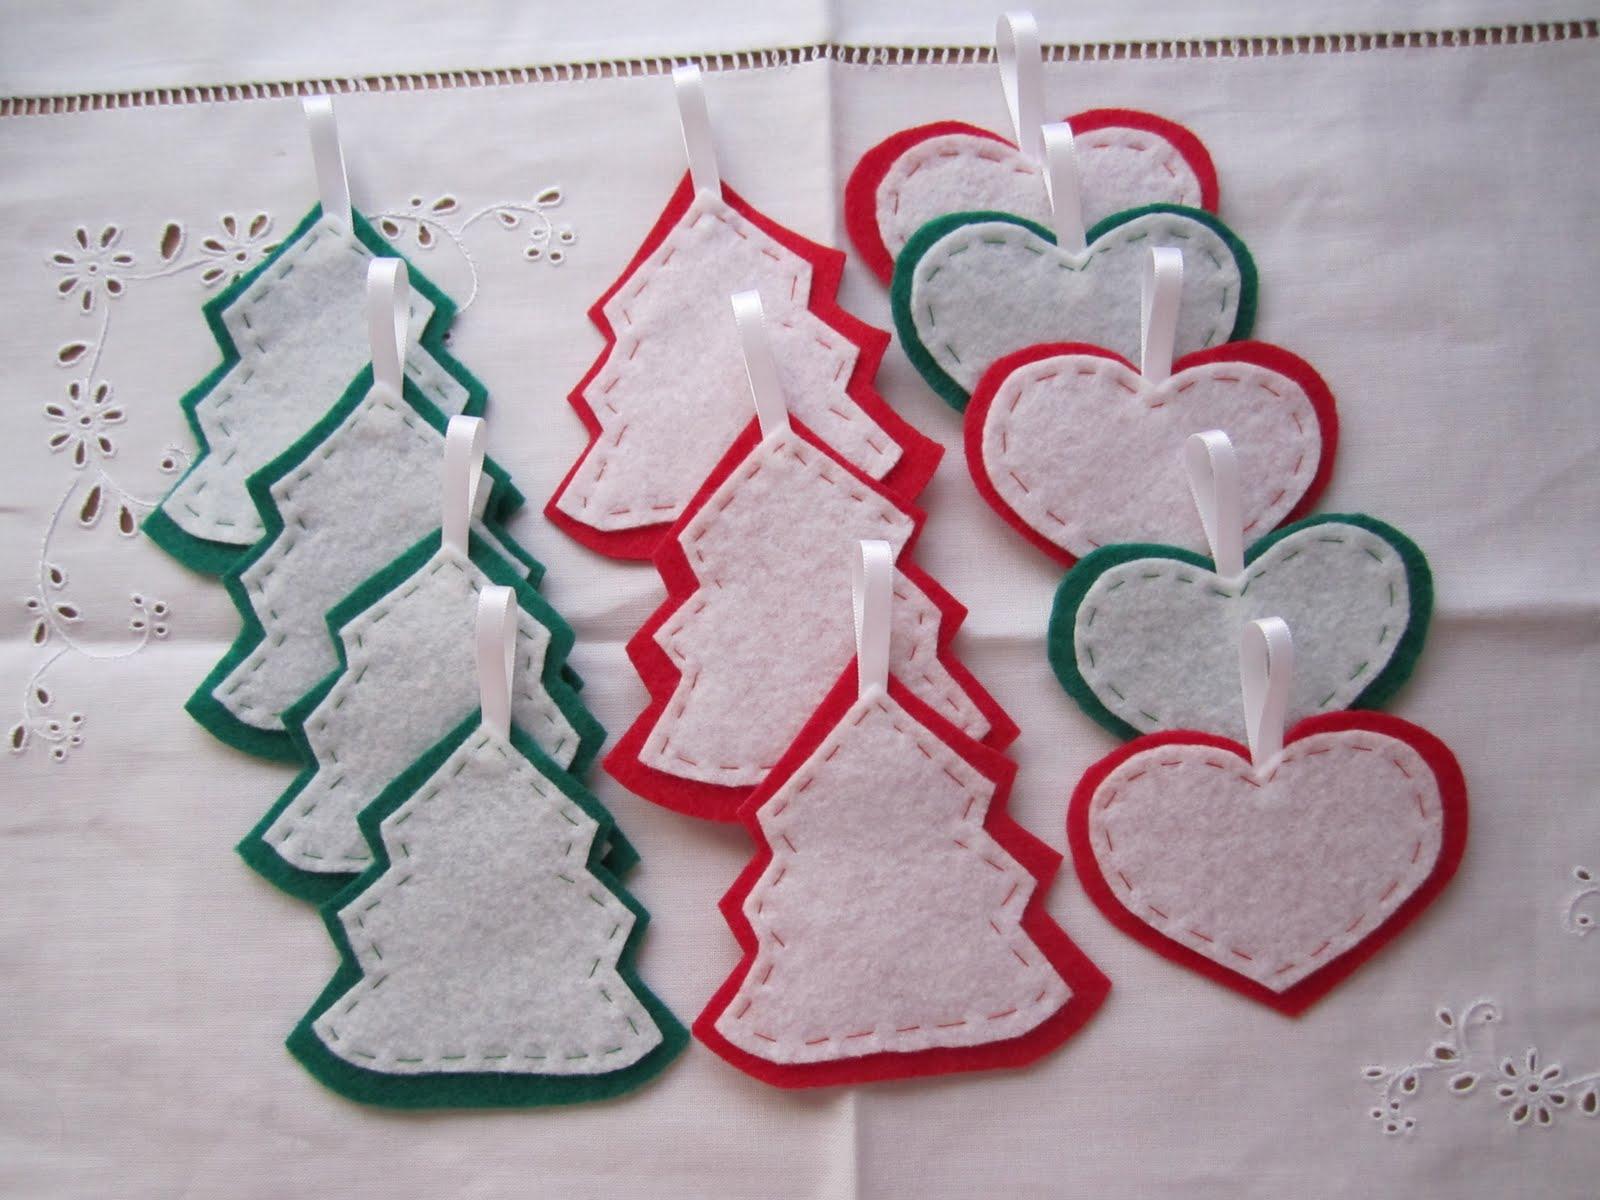 Las manualidades en la decoraci n navide a for Cosas para hacer de navidad faciles